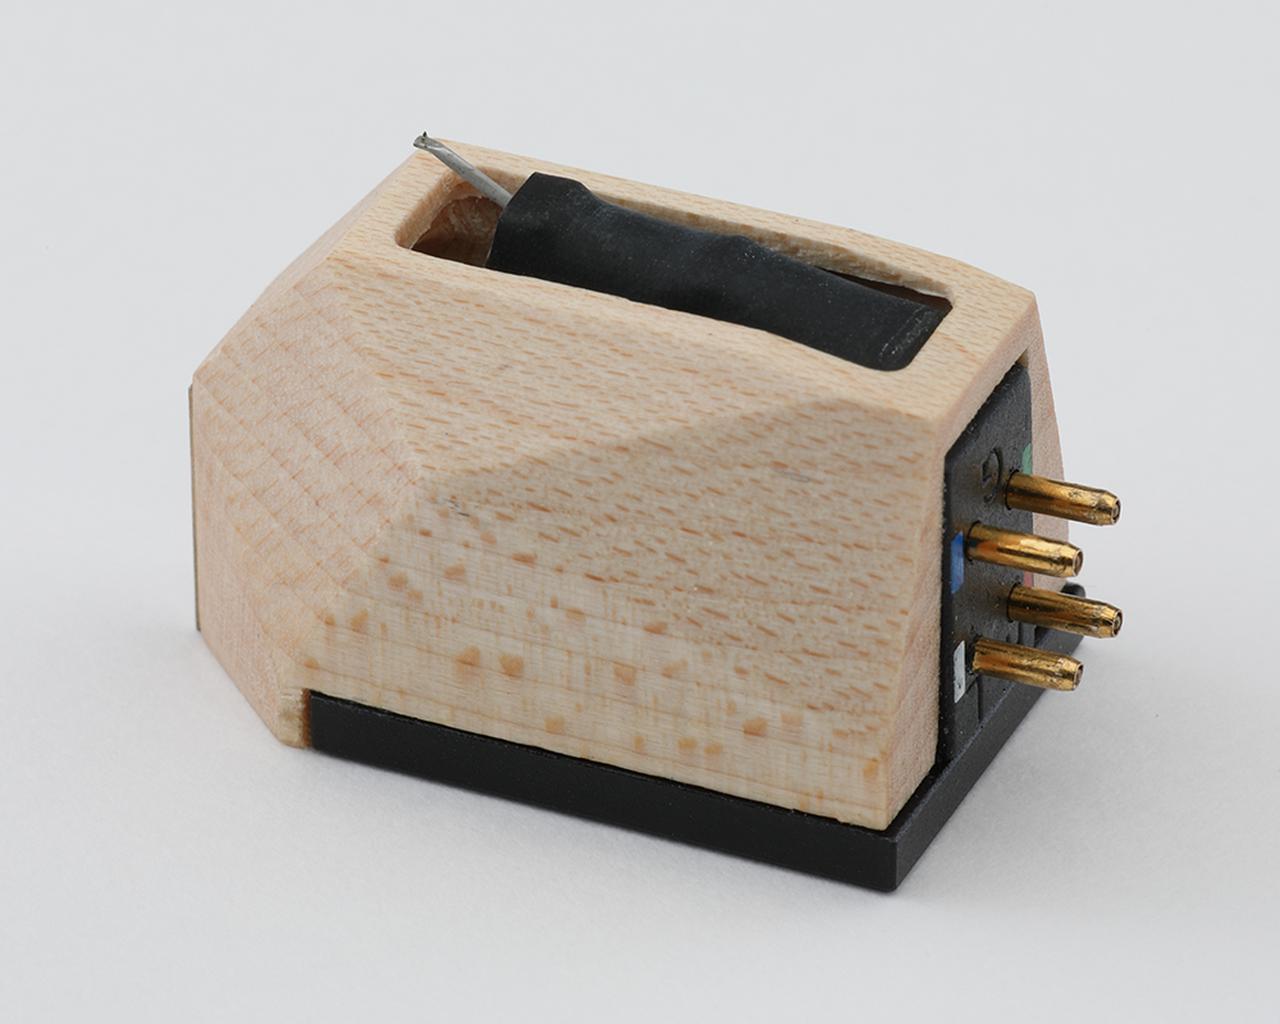 画像: アルミパイプカンチレバーに無垢楕円ダイアモンド針を組み合わせる。純銀コイルとネオジムマグネットをマルチで配置する発電系で出力0.45mV(1kHz)を得る。ボディは木製のハードメイプル製。